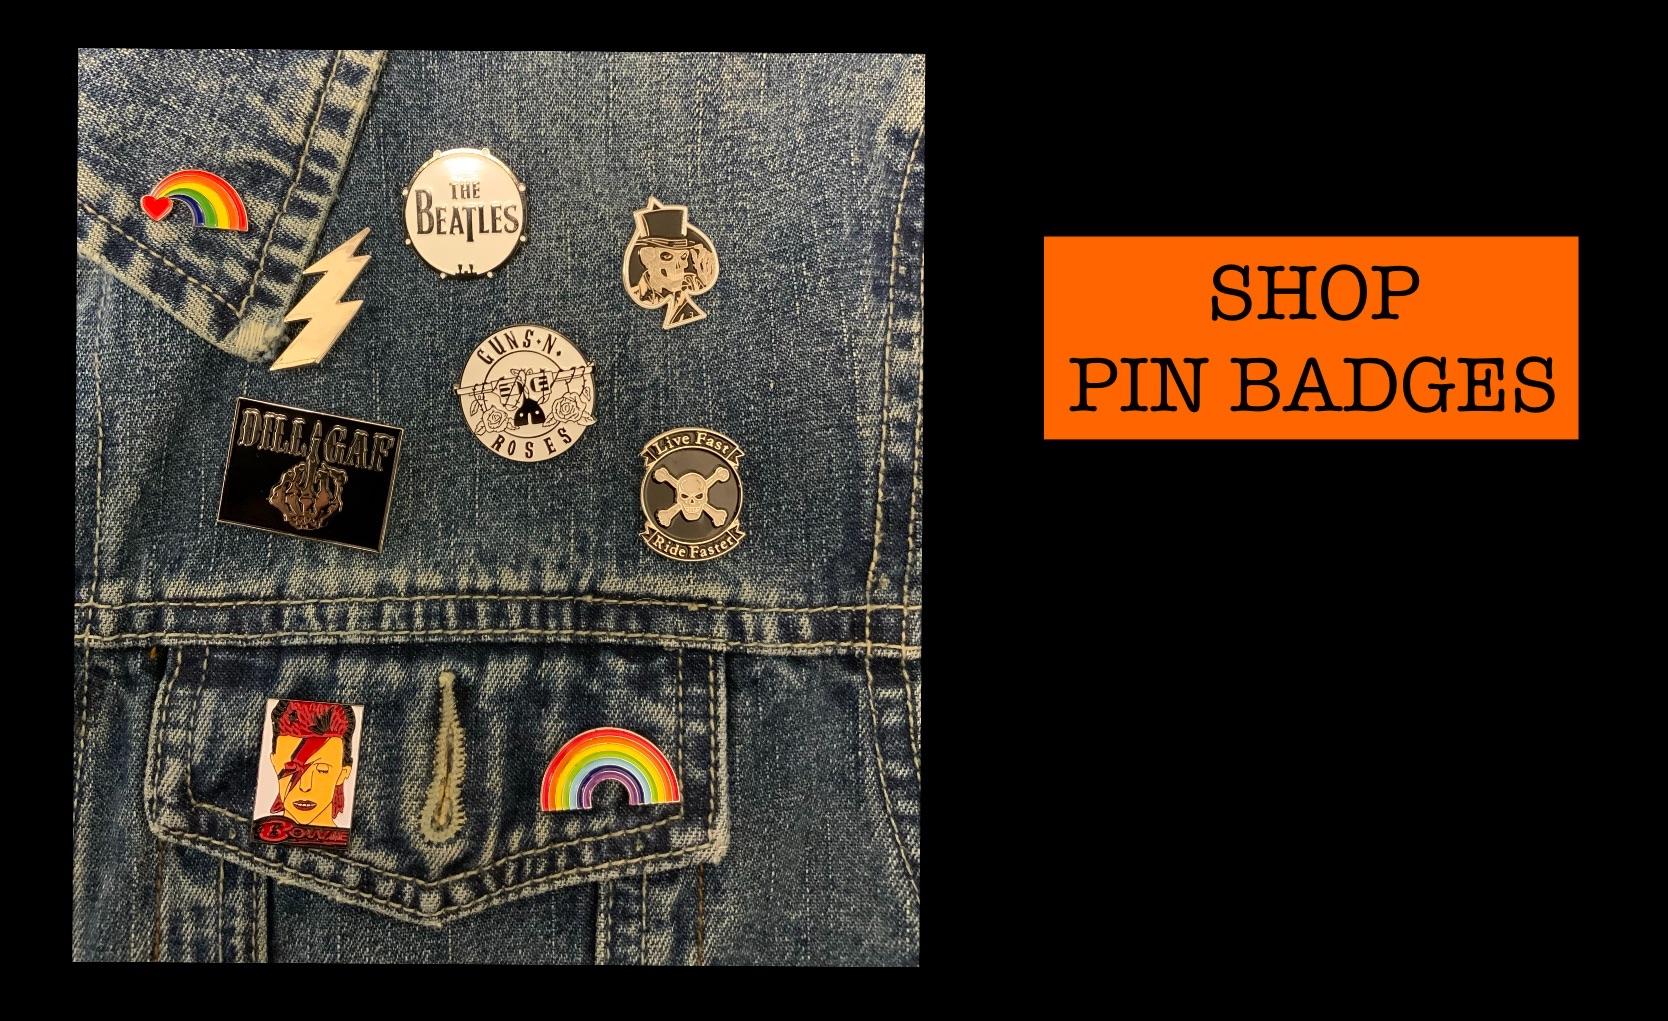 Shop pins